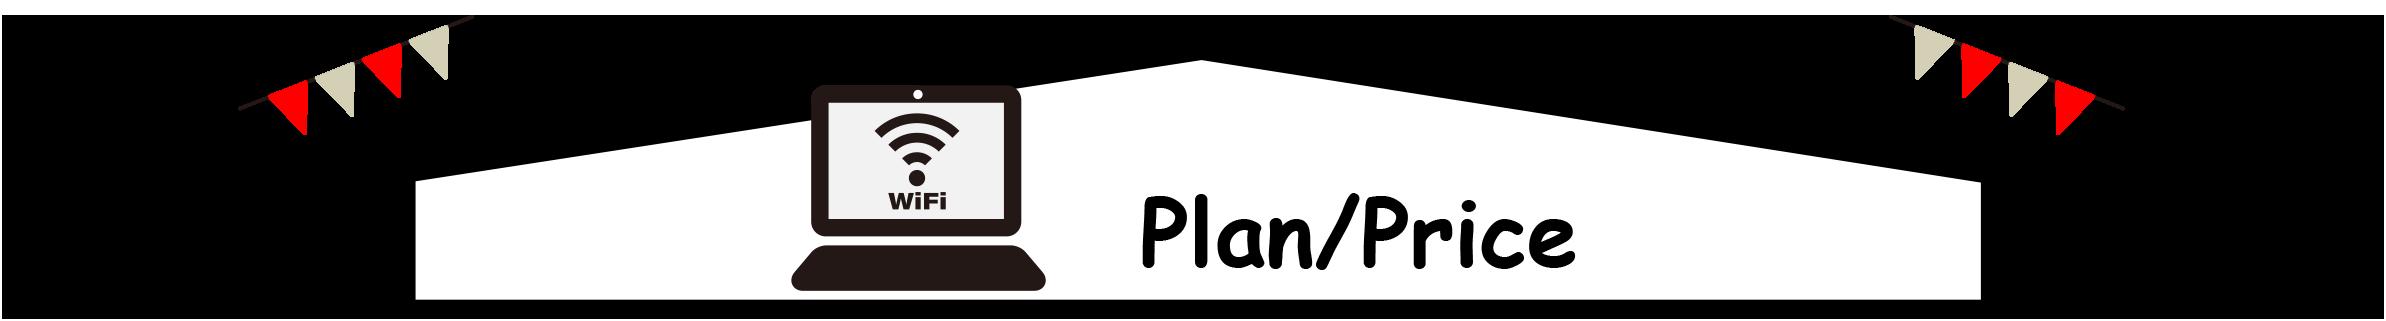 Plan/Price